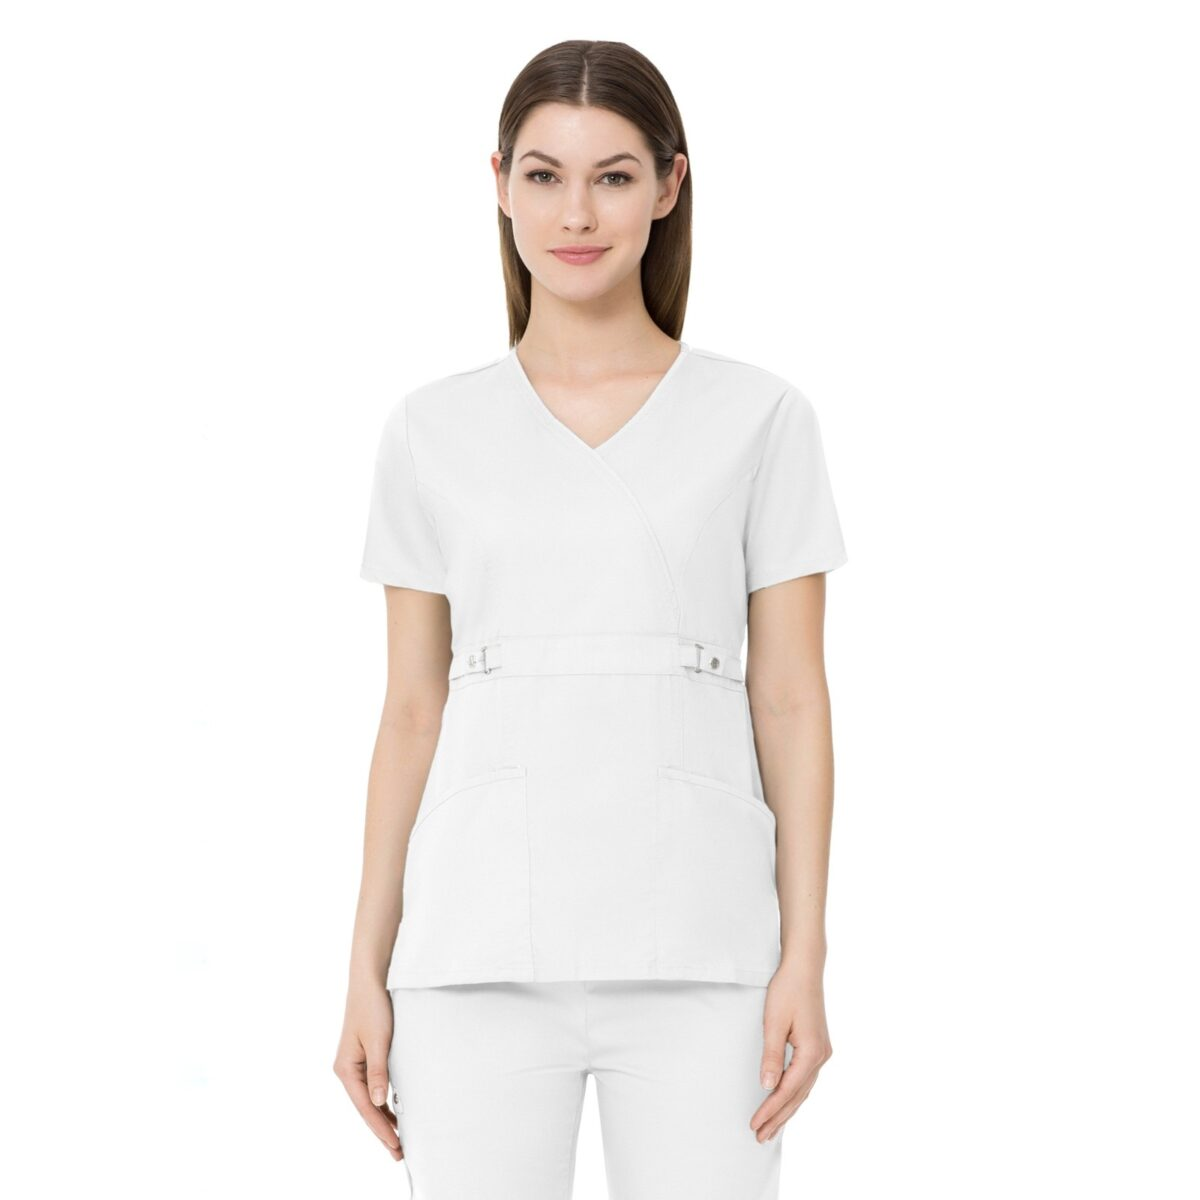 Женский медицинский костюм Luxe цвет - белый